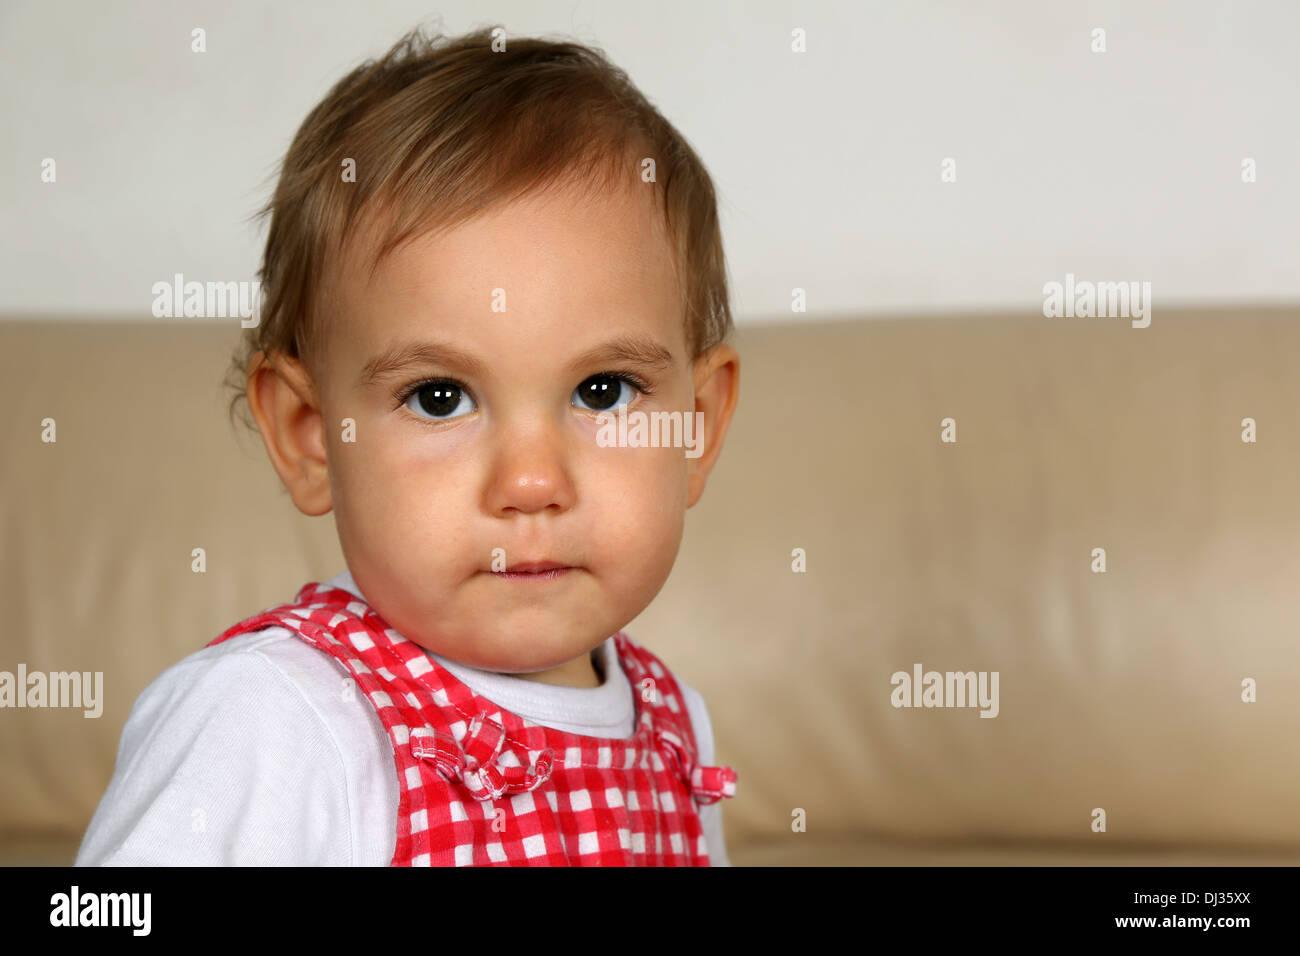 Little Girl With Big Eyes Imágenes De Stock   Little Girl With Big ... 042d98b0c8e